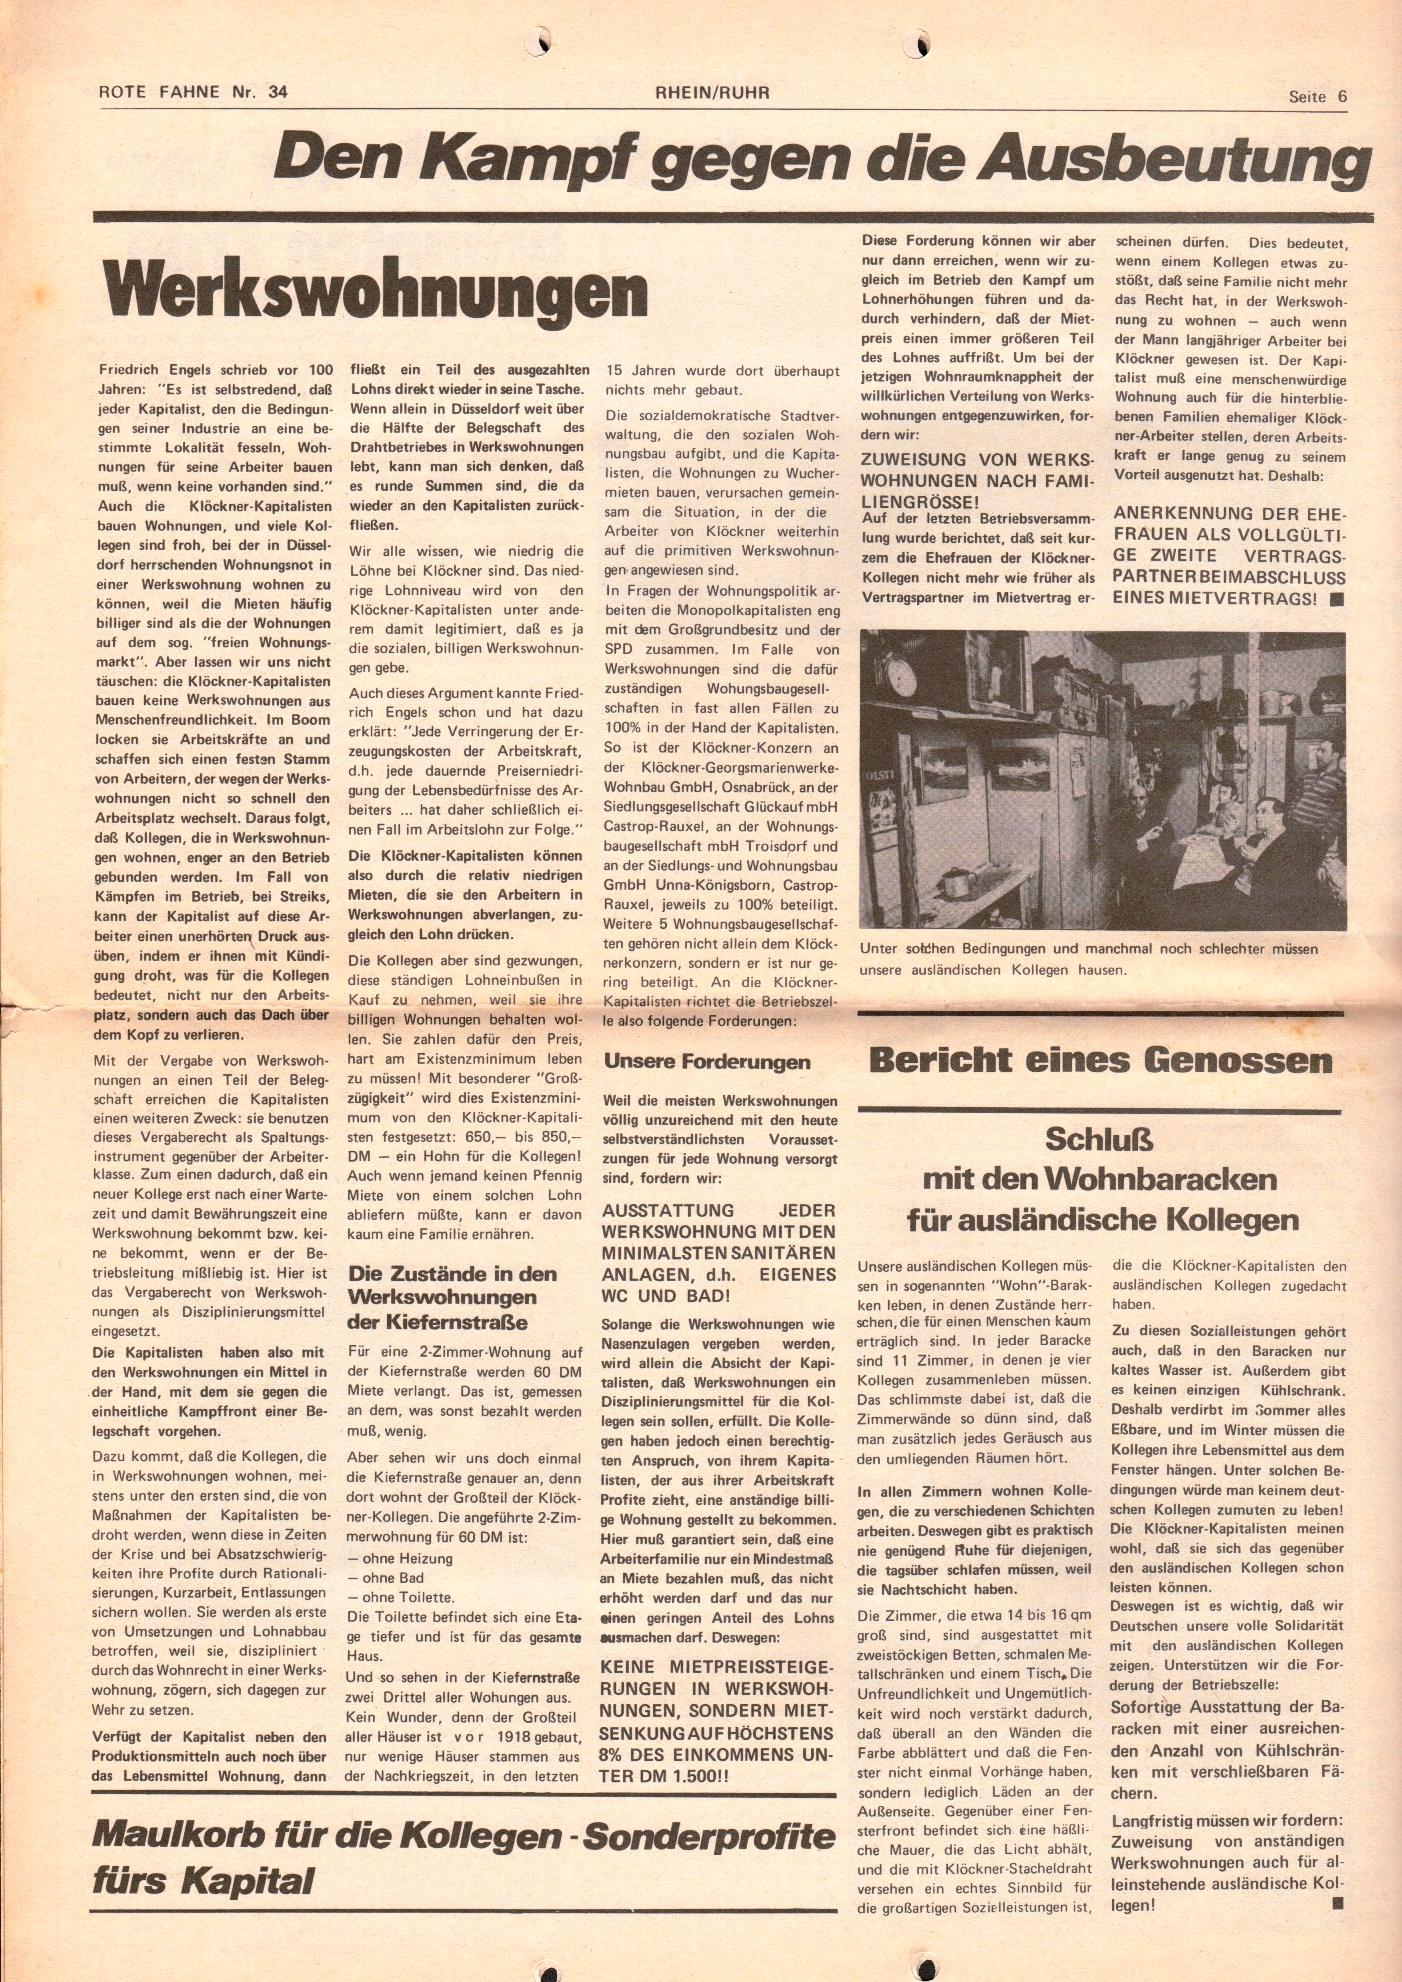 KPD_Rote_Fahne_1972_34_06